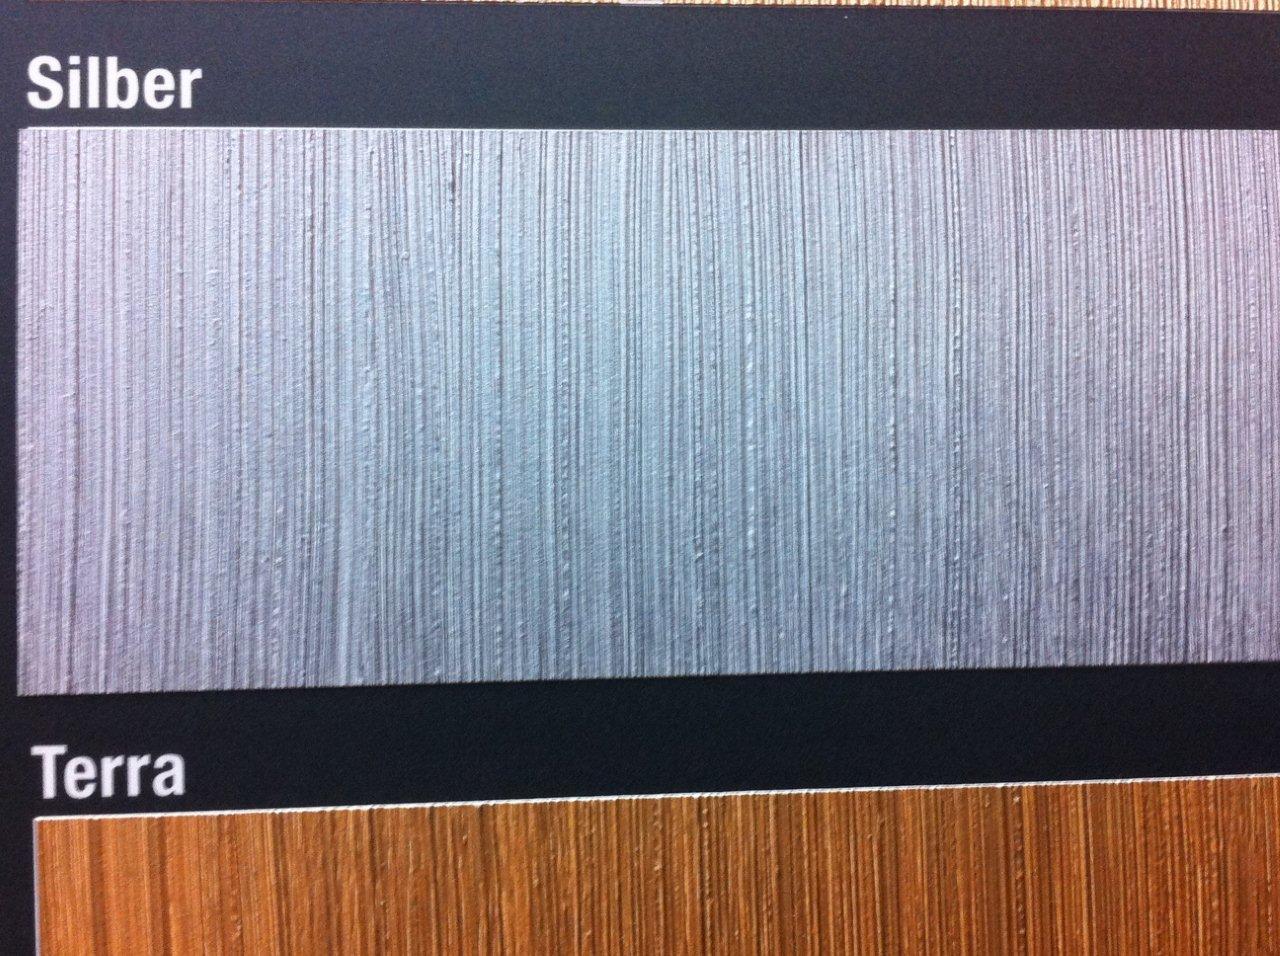 franks julias bautagebuch es wird wohnlich putz tapete farbe und estrich. Black Bedroom Furniture Sets. Home Design Ideas